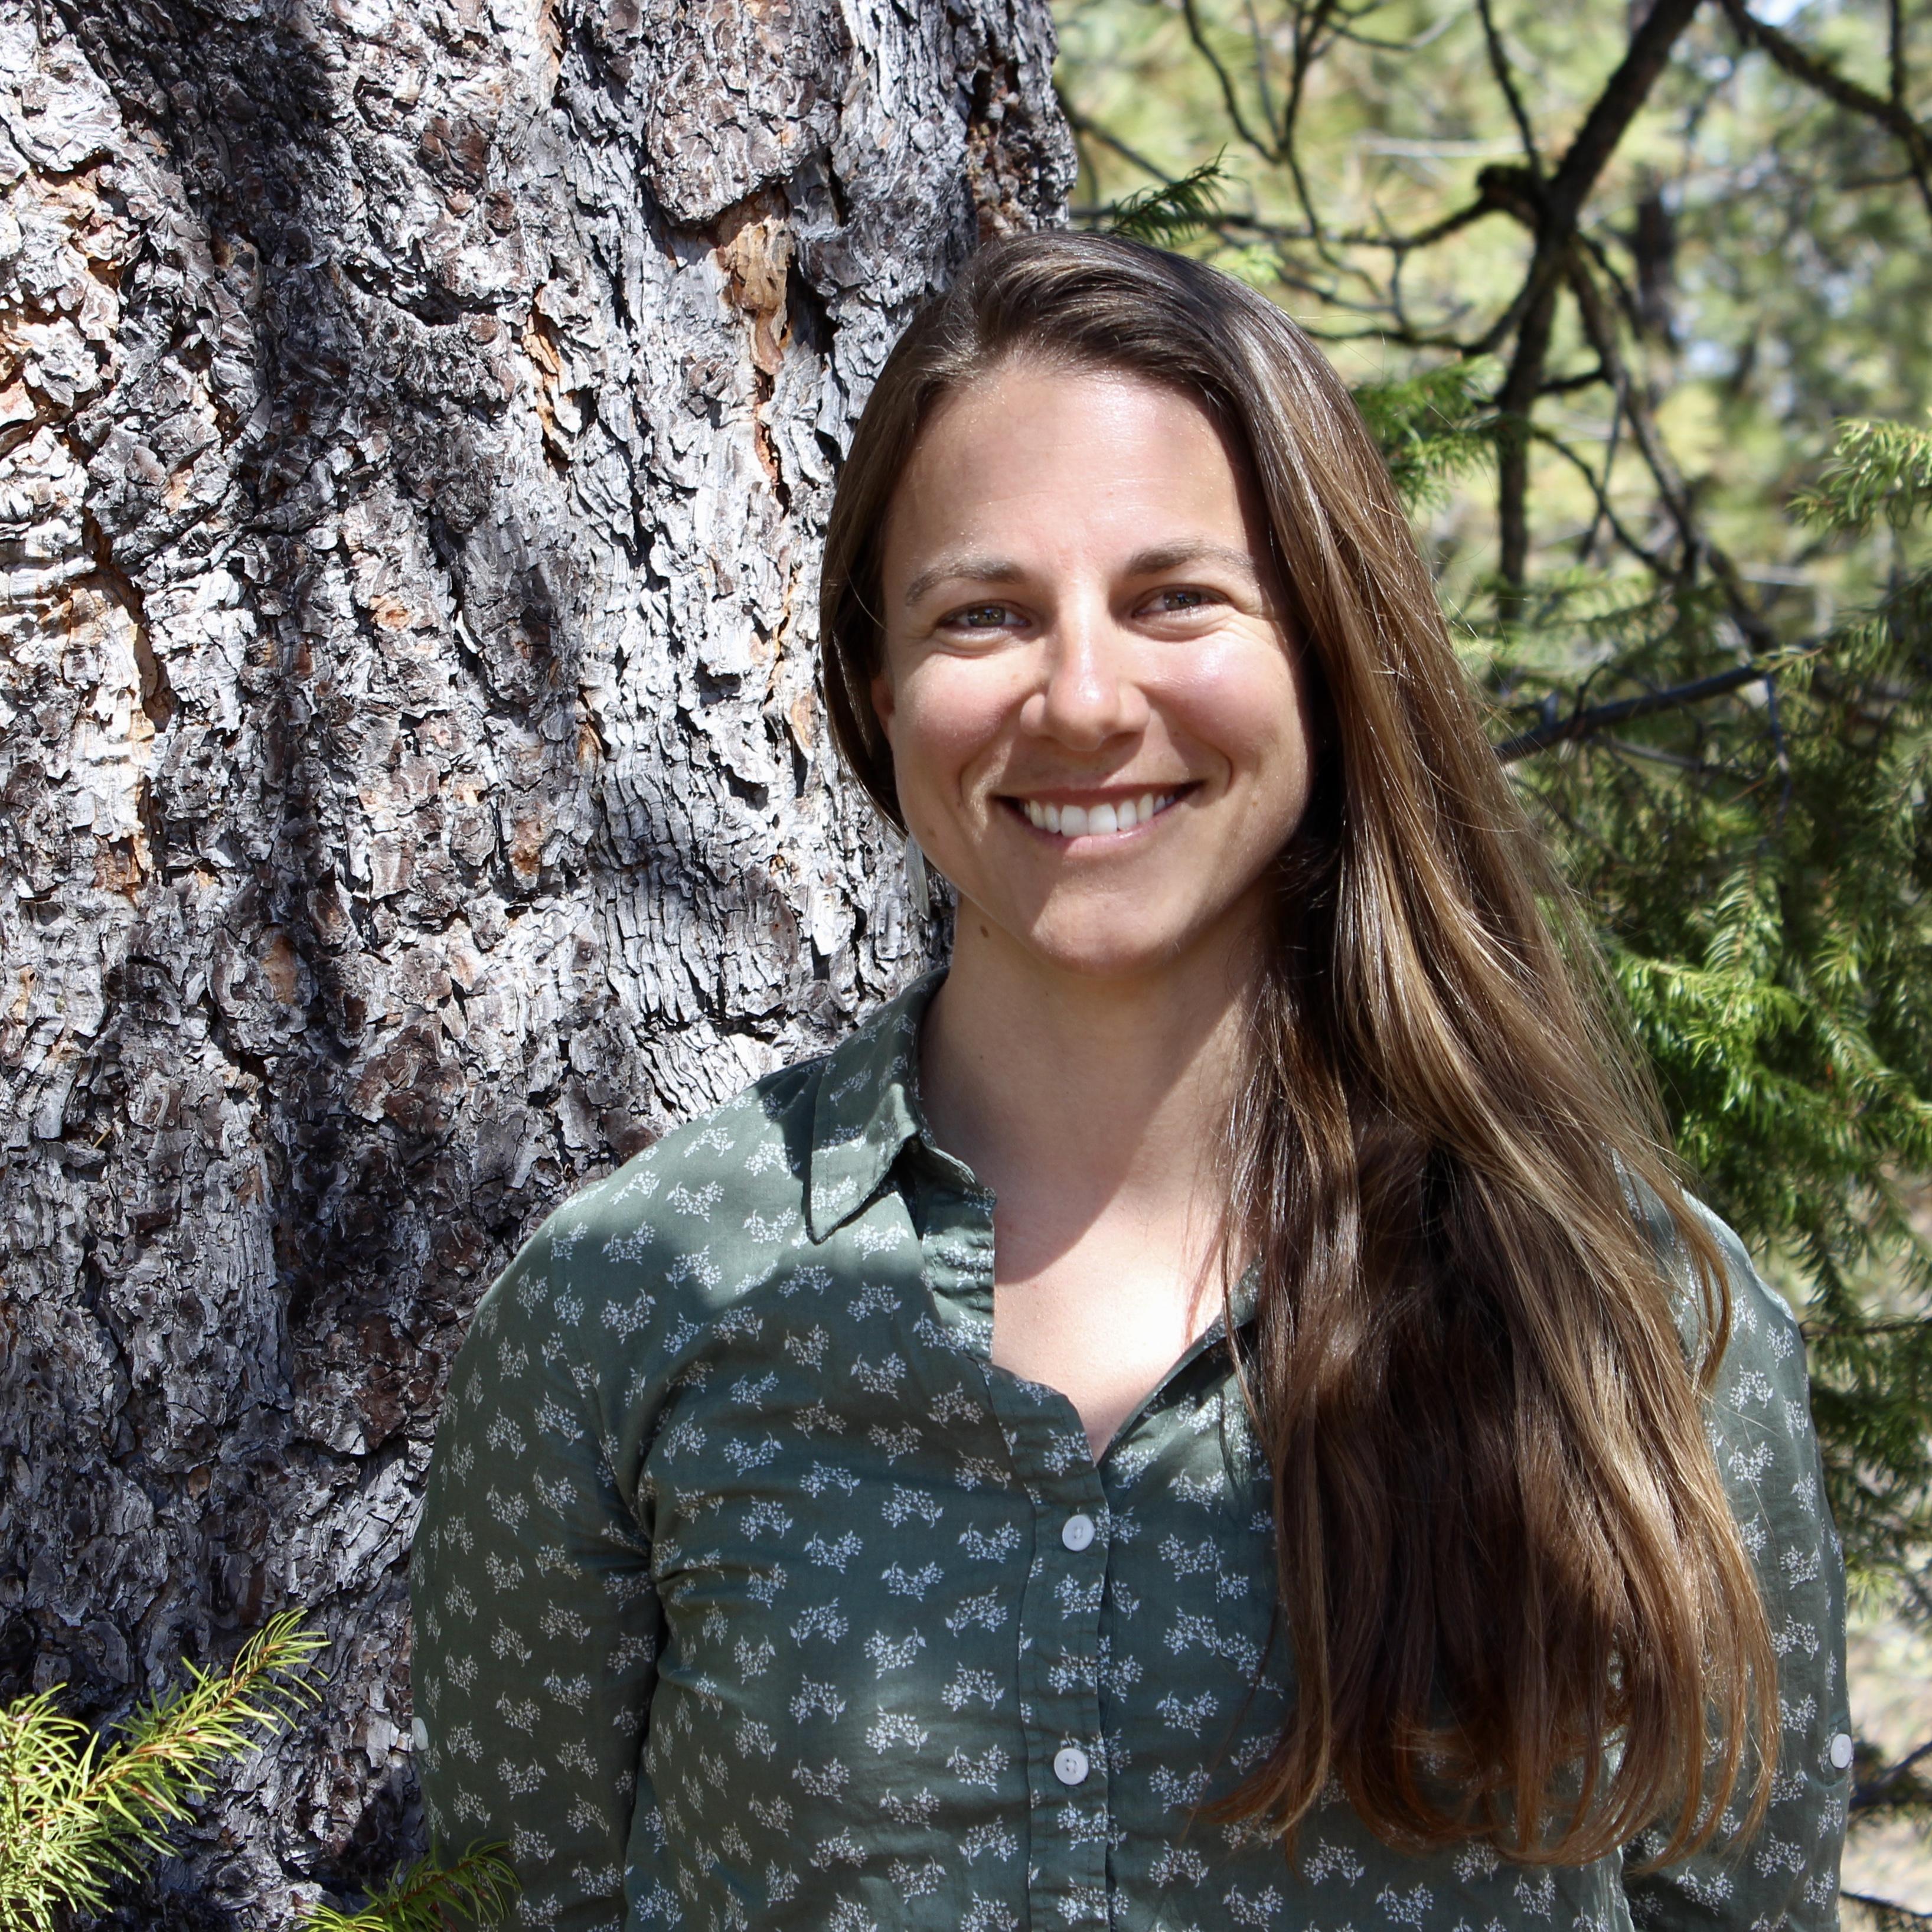 WSU Food Systems Staff - Kate Smith